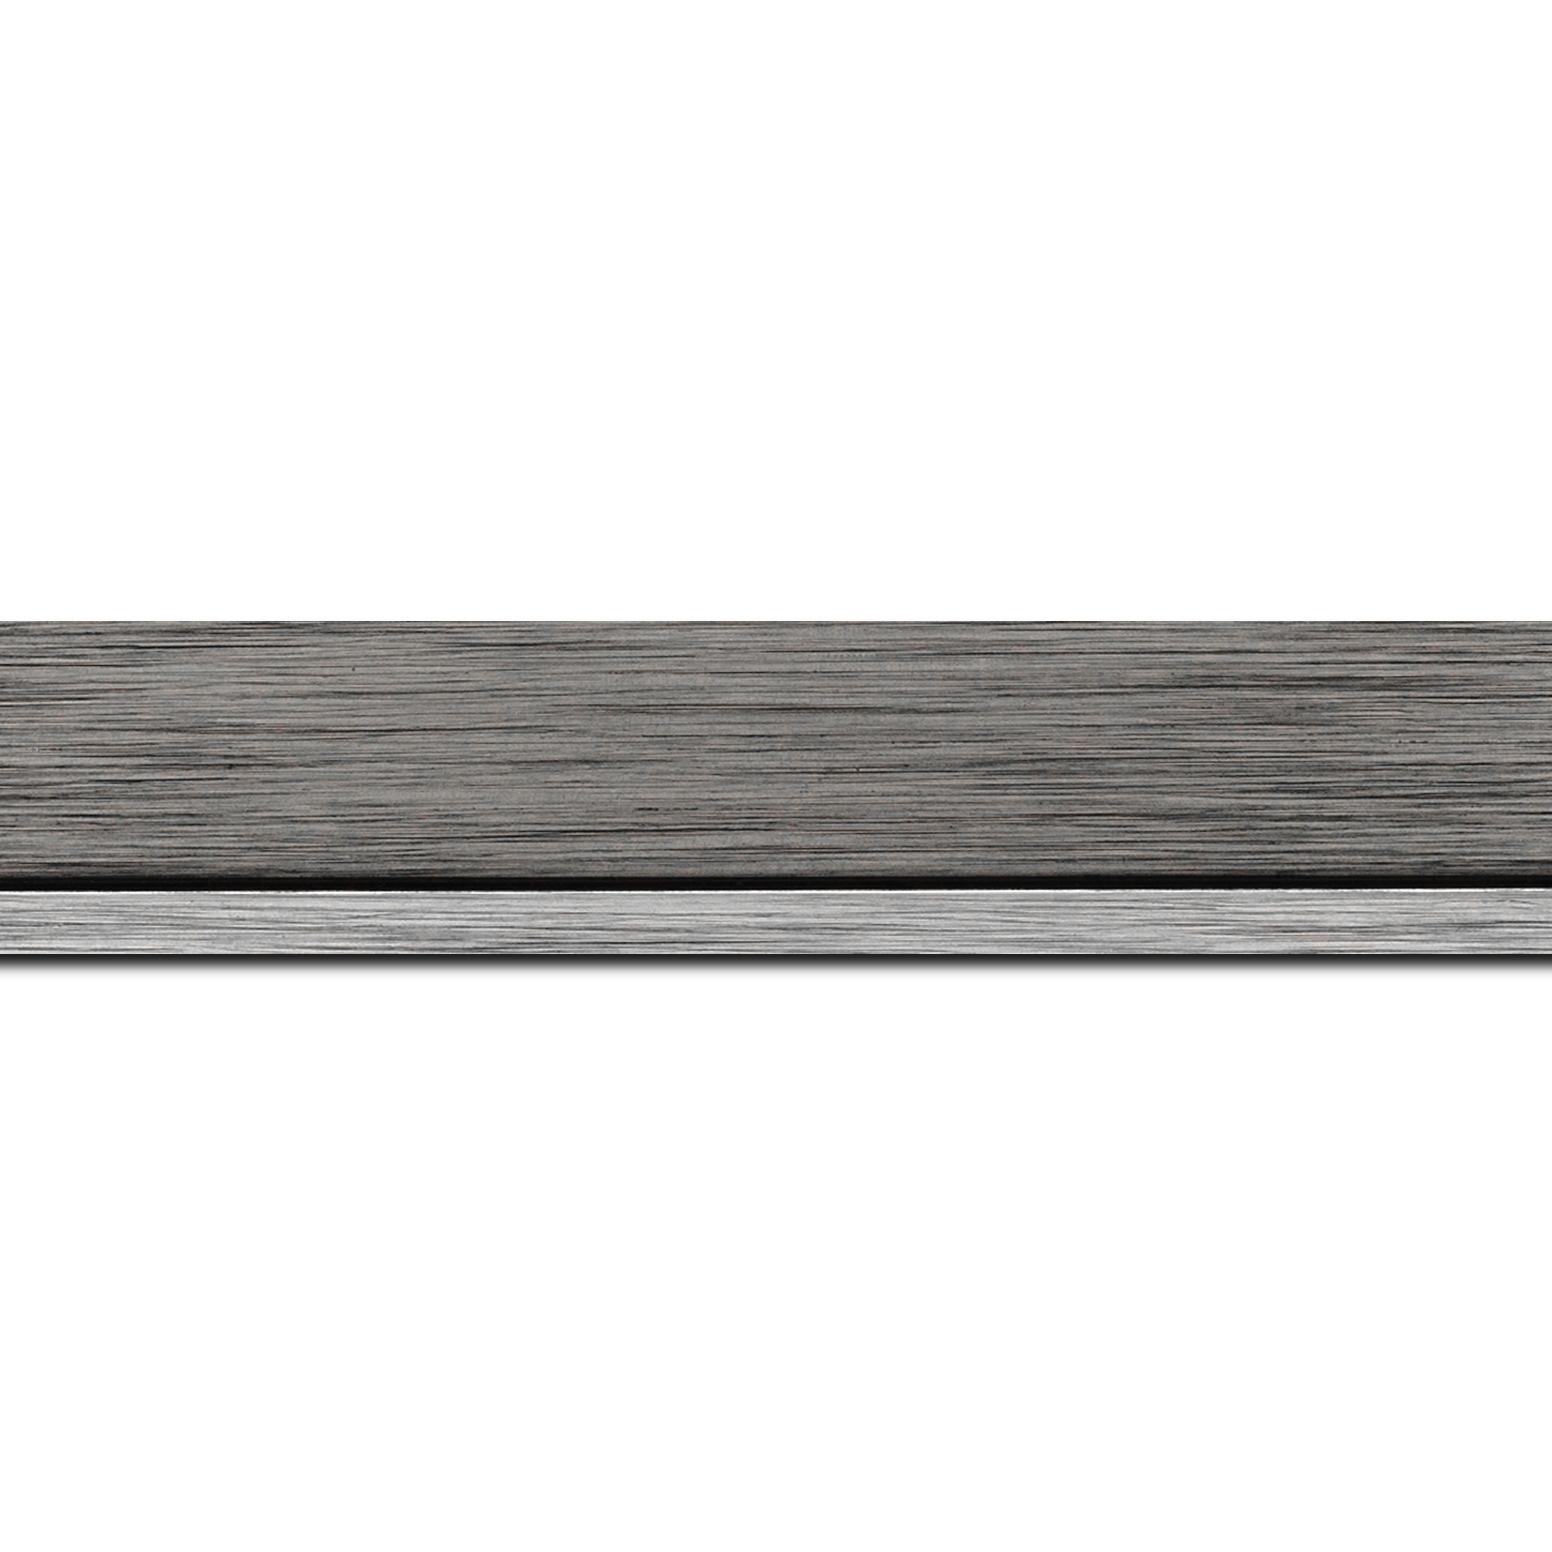 Baguette longueur 1.40m bois profil plat largeur 3.3cm couleur plomb filet argent